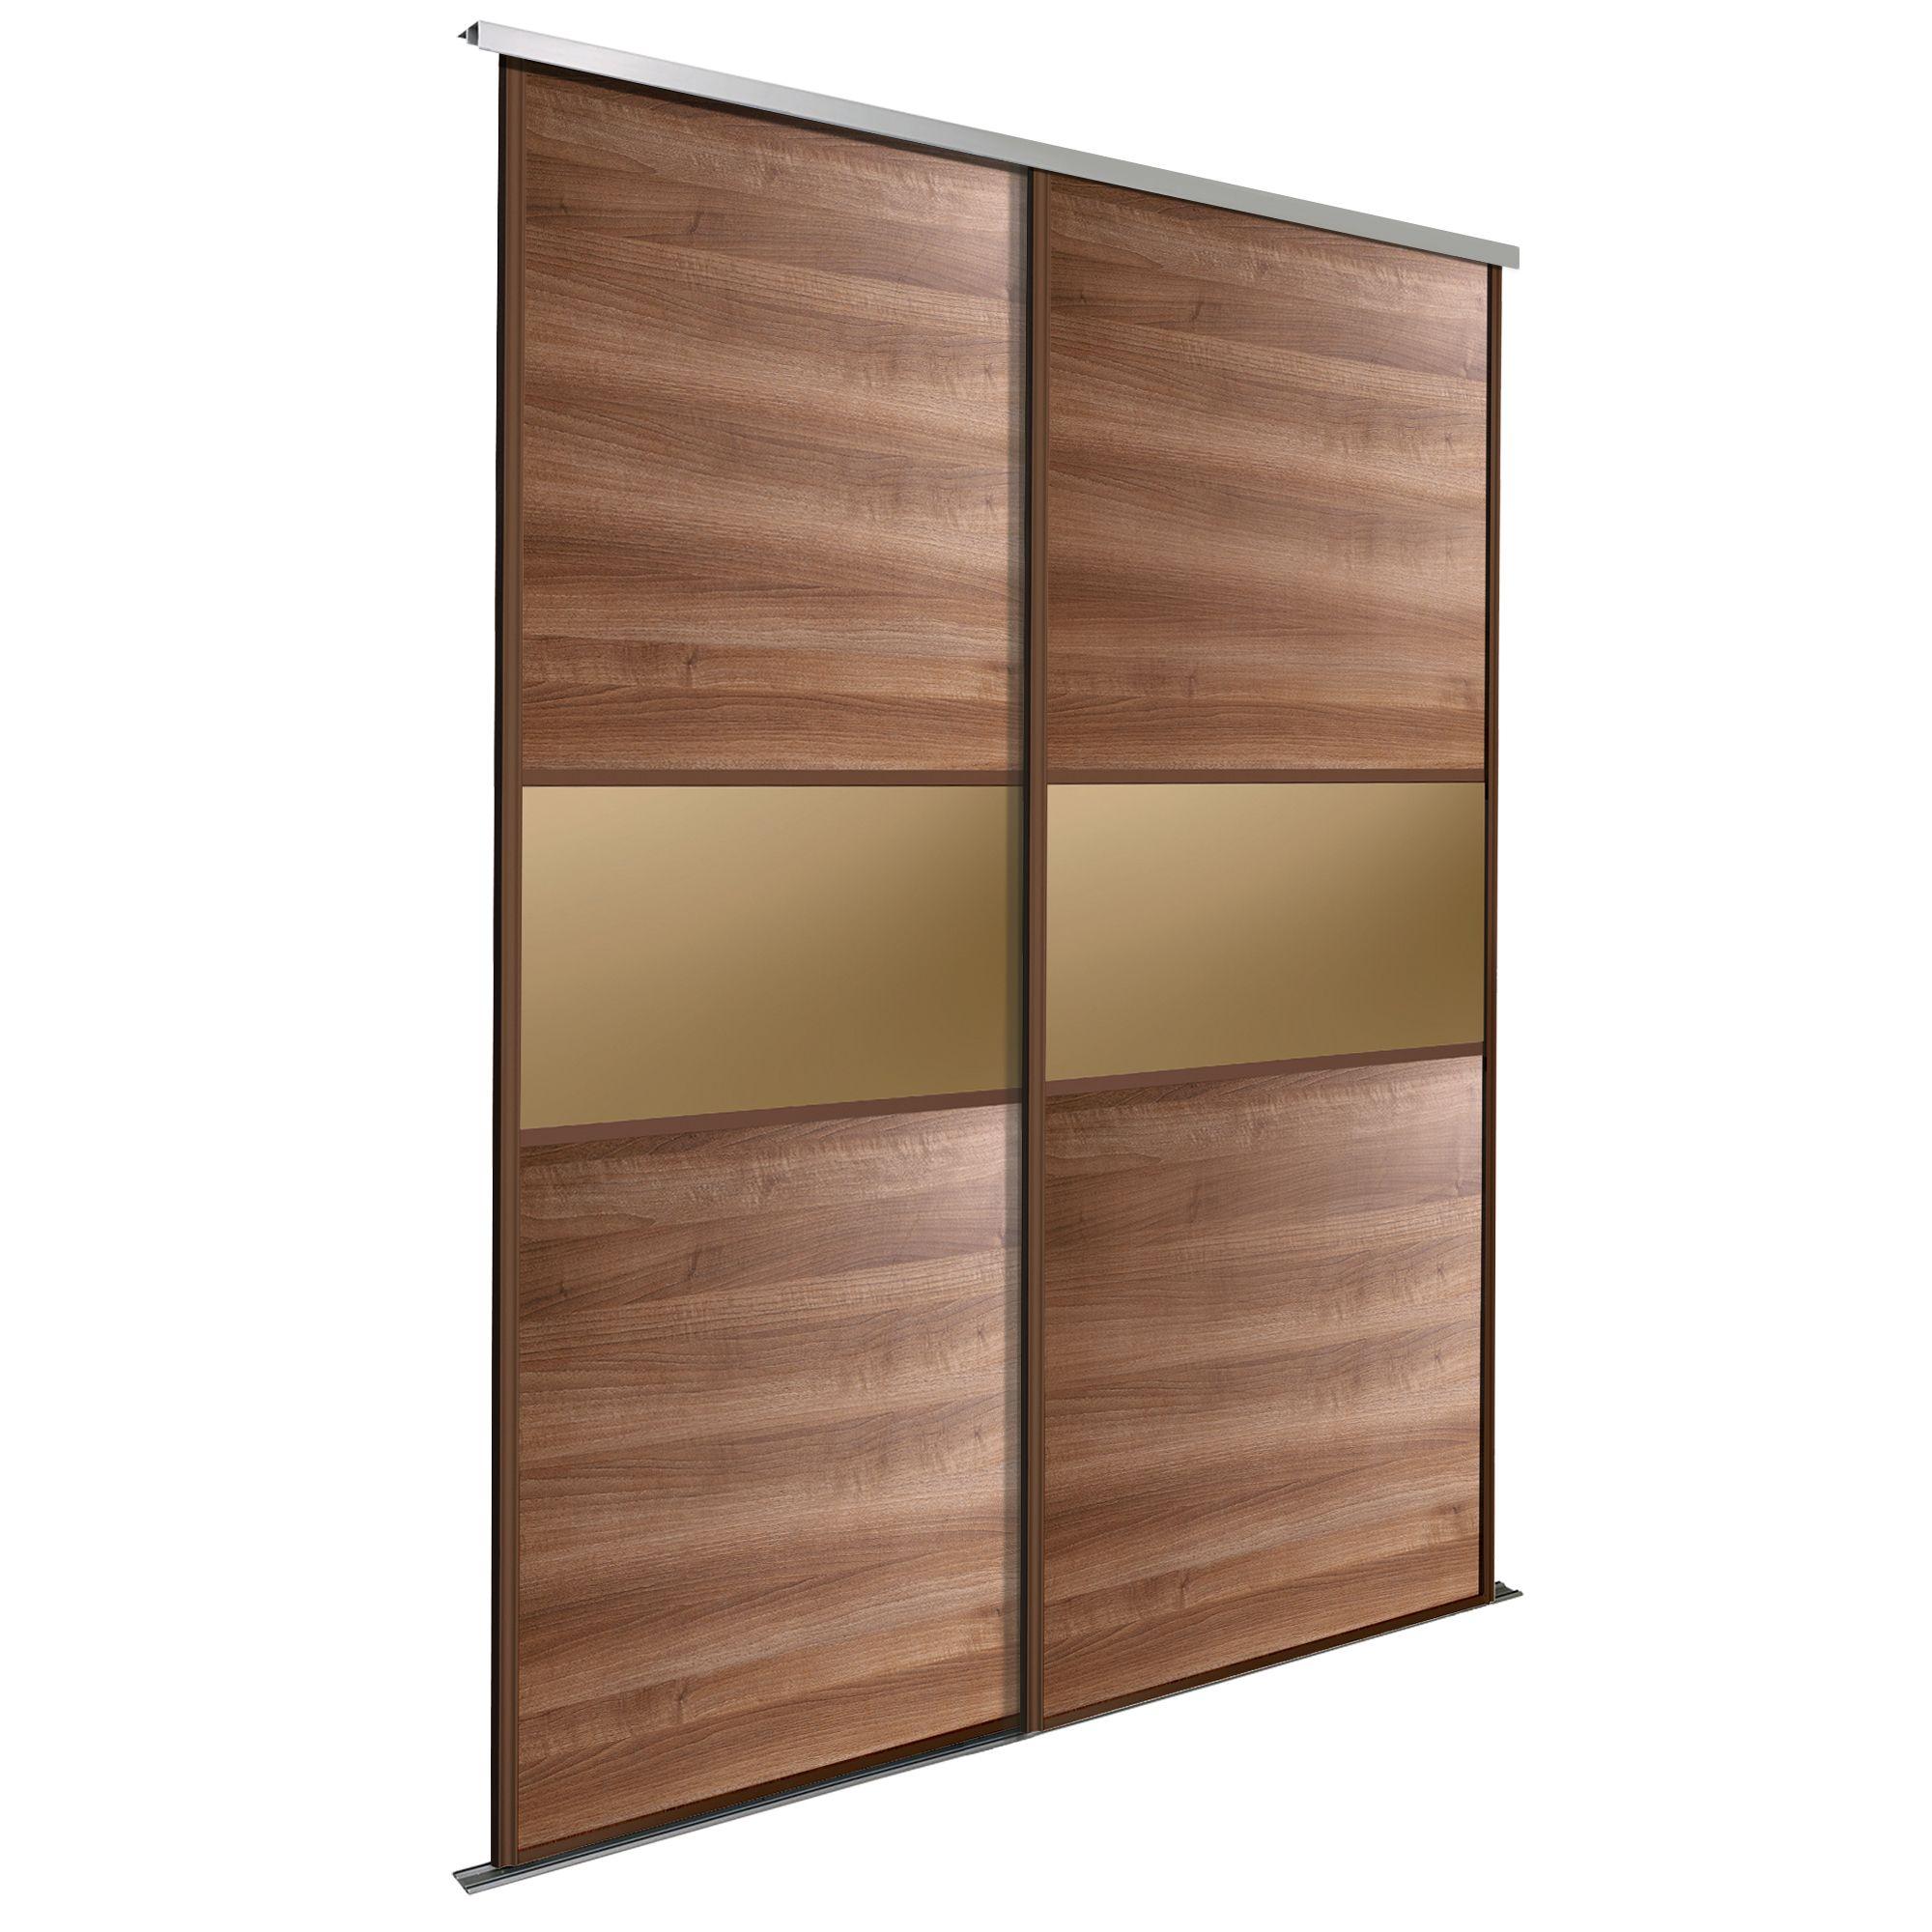 Fineline Bronze Walnut Effect Sliding Wardrobe Door Kit (h)2200 Mm (w)610 Mm, Pack Of 2